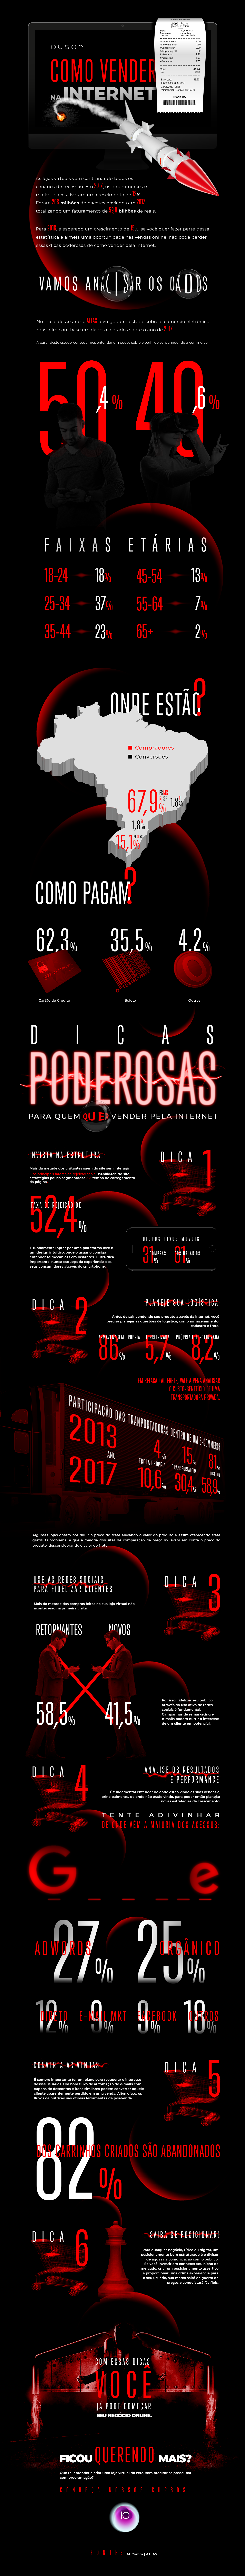 infográfico de como vender na internet